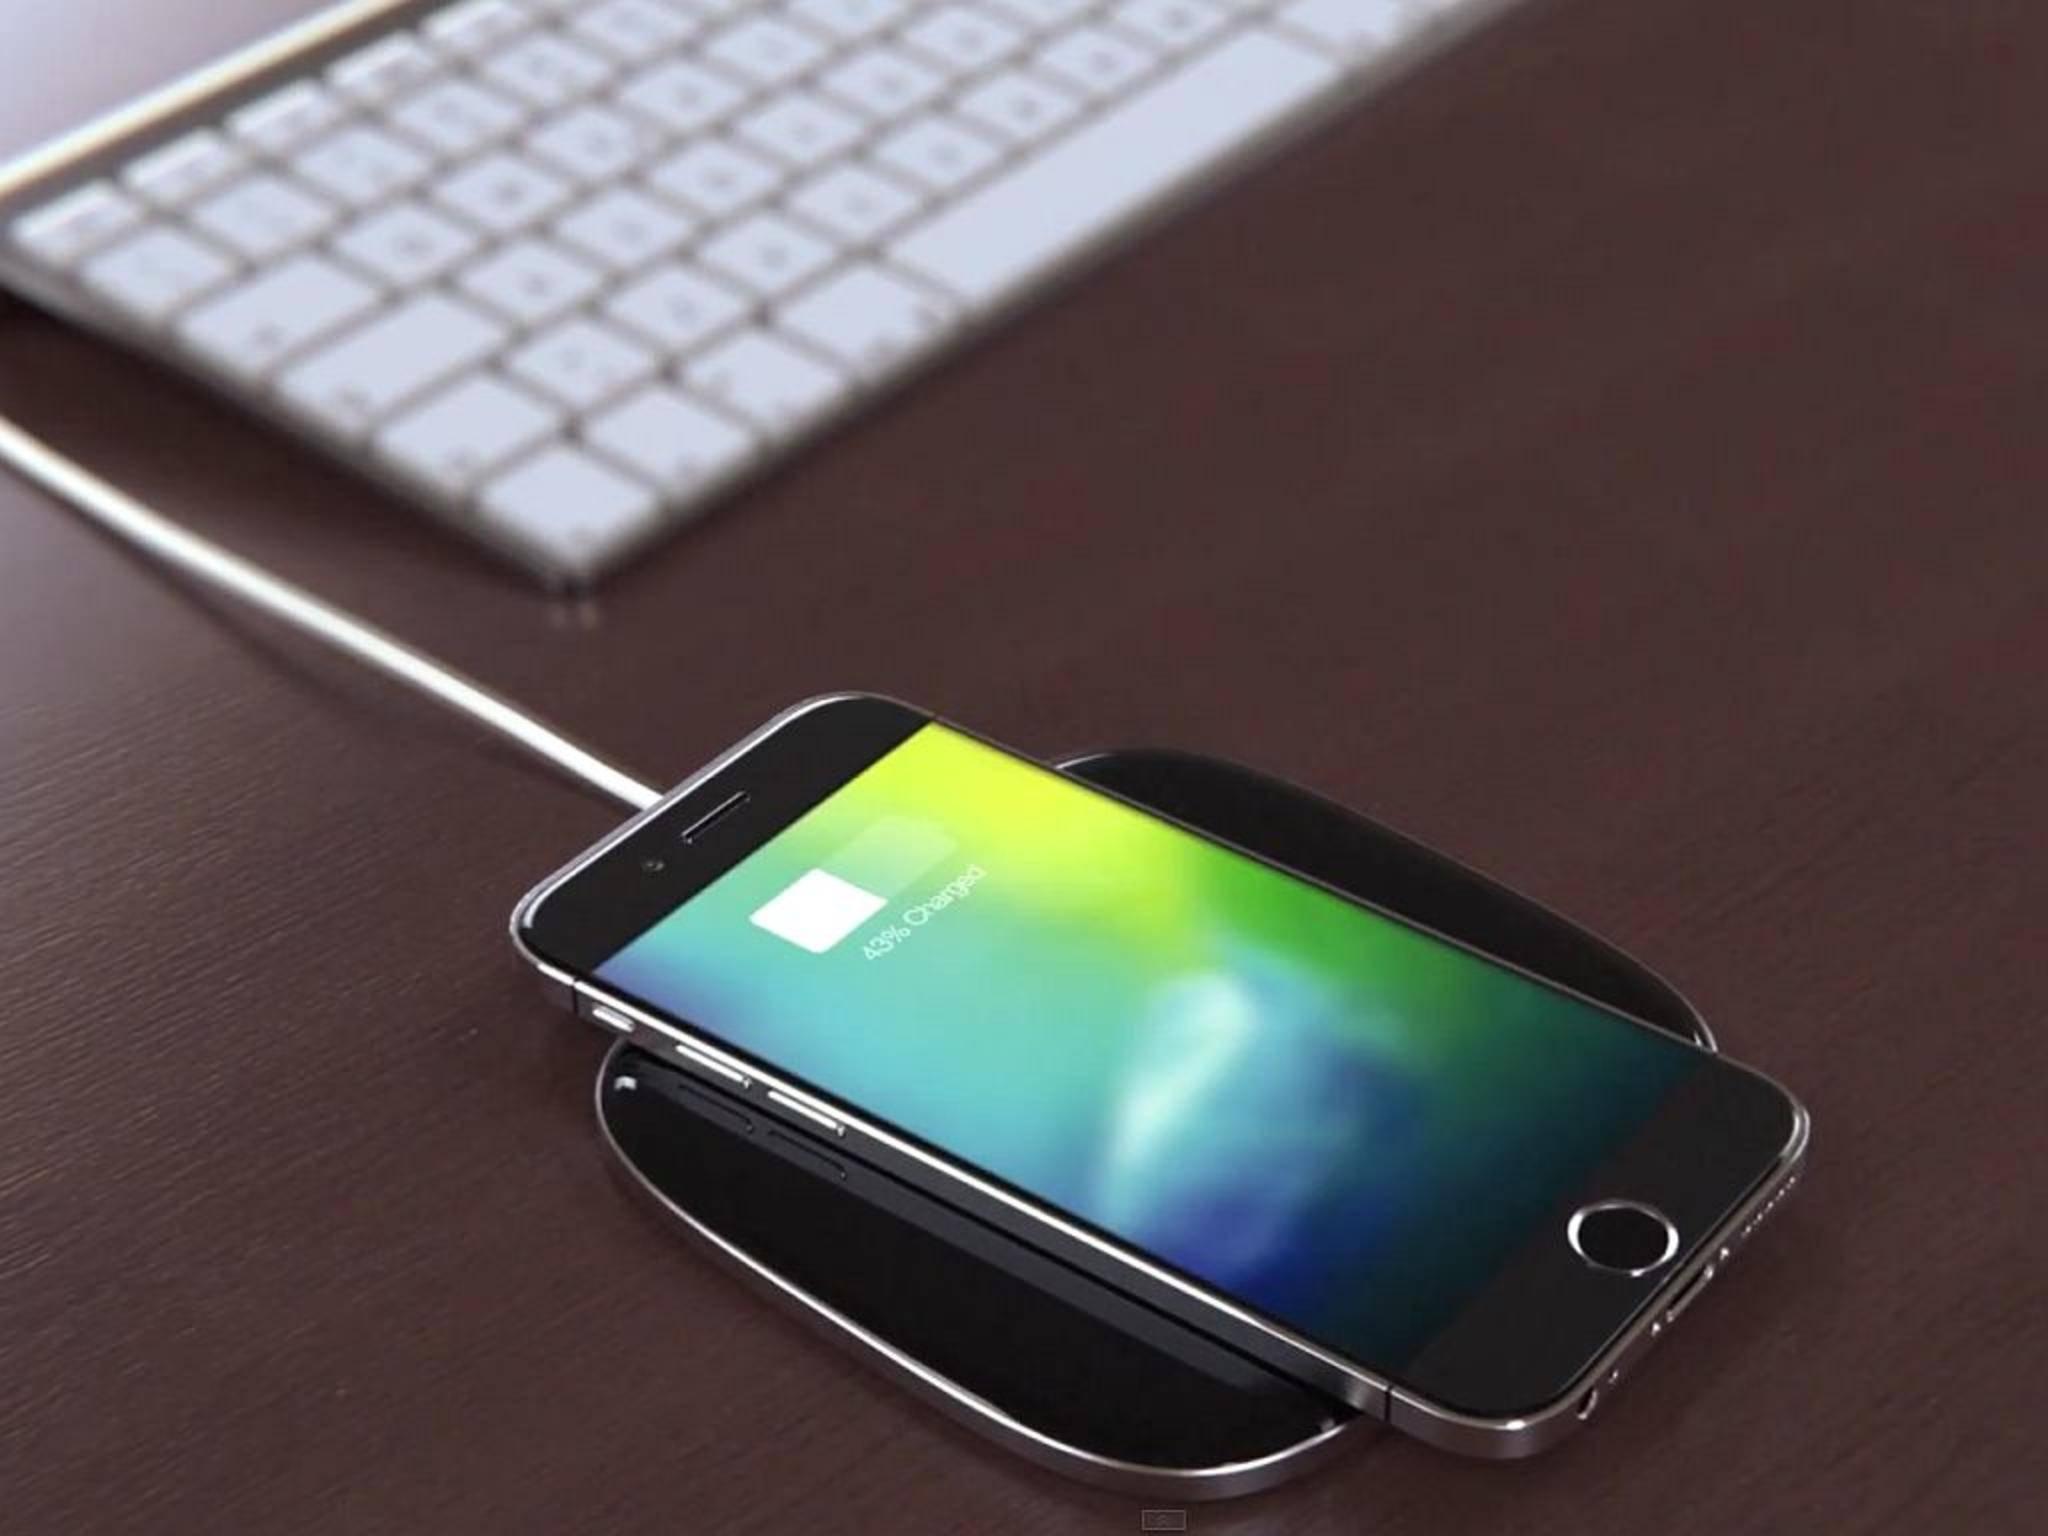 Das iPhone 7 könnte kabellos geladen werden.